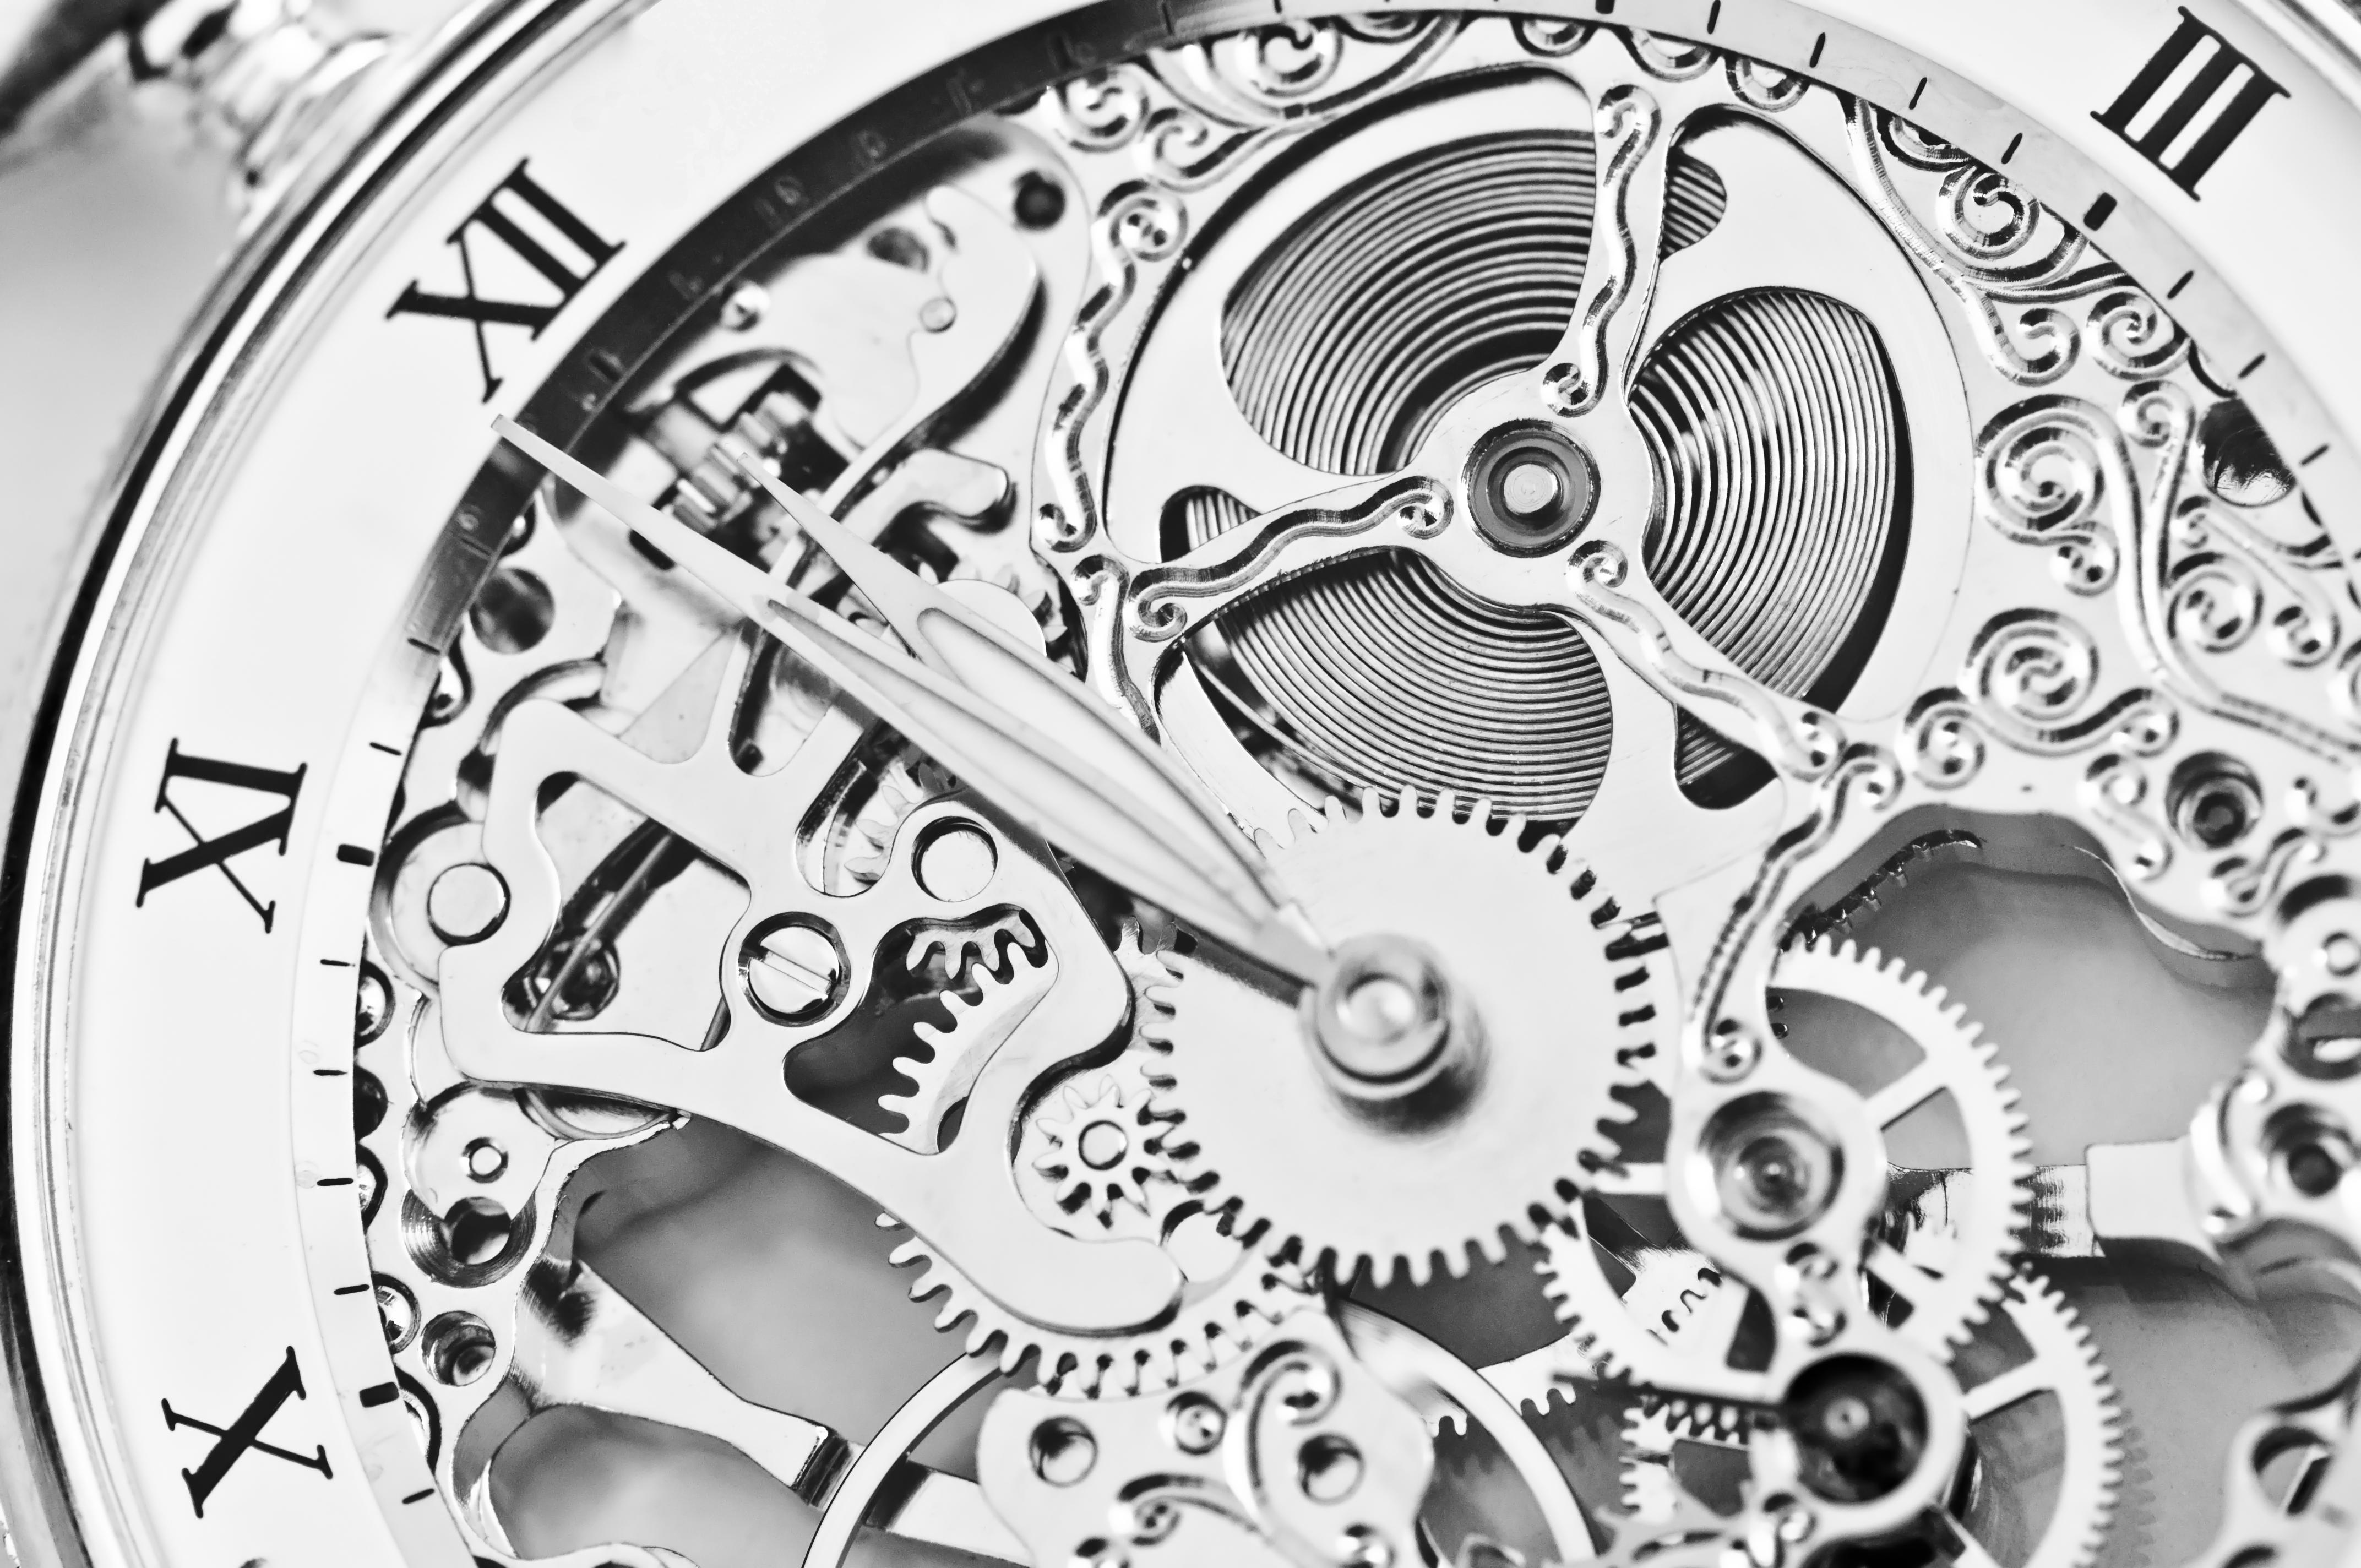 La nueva era de los relojes inteligentes la terminal - Mecanismo reloj pared barato ...